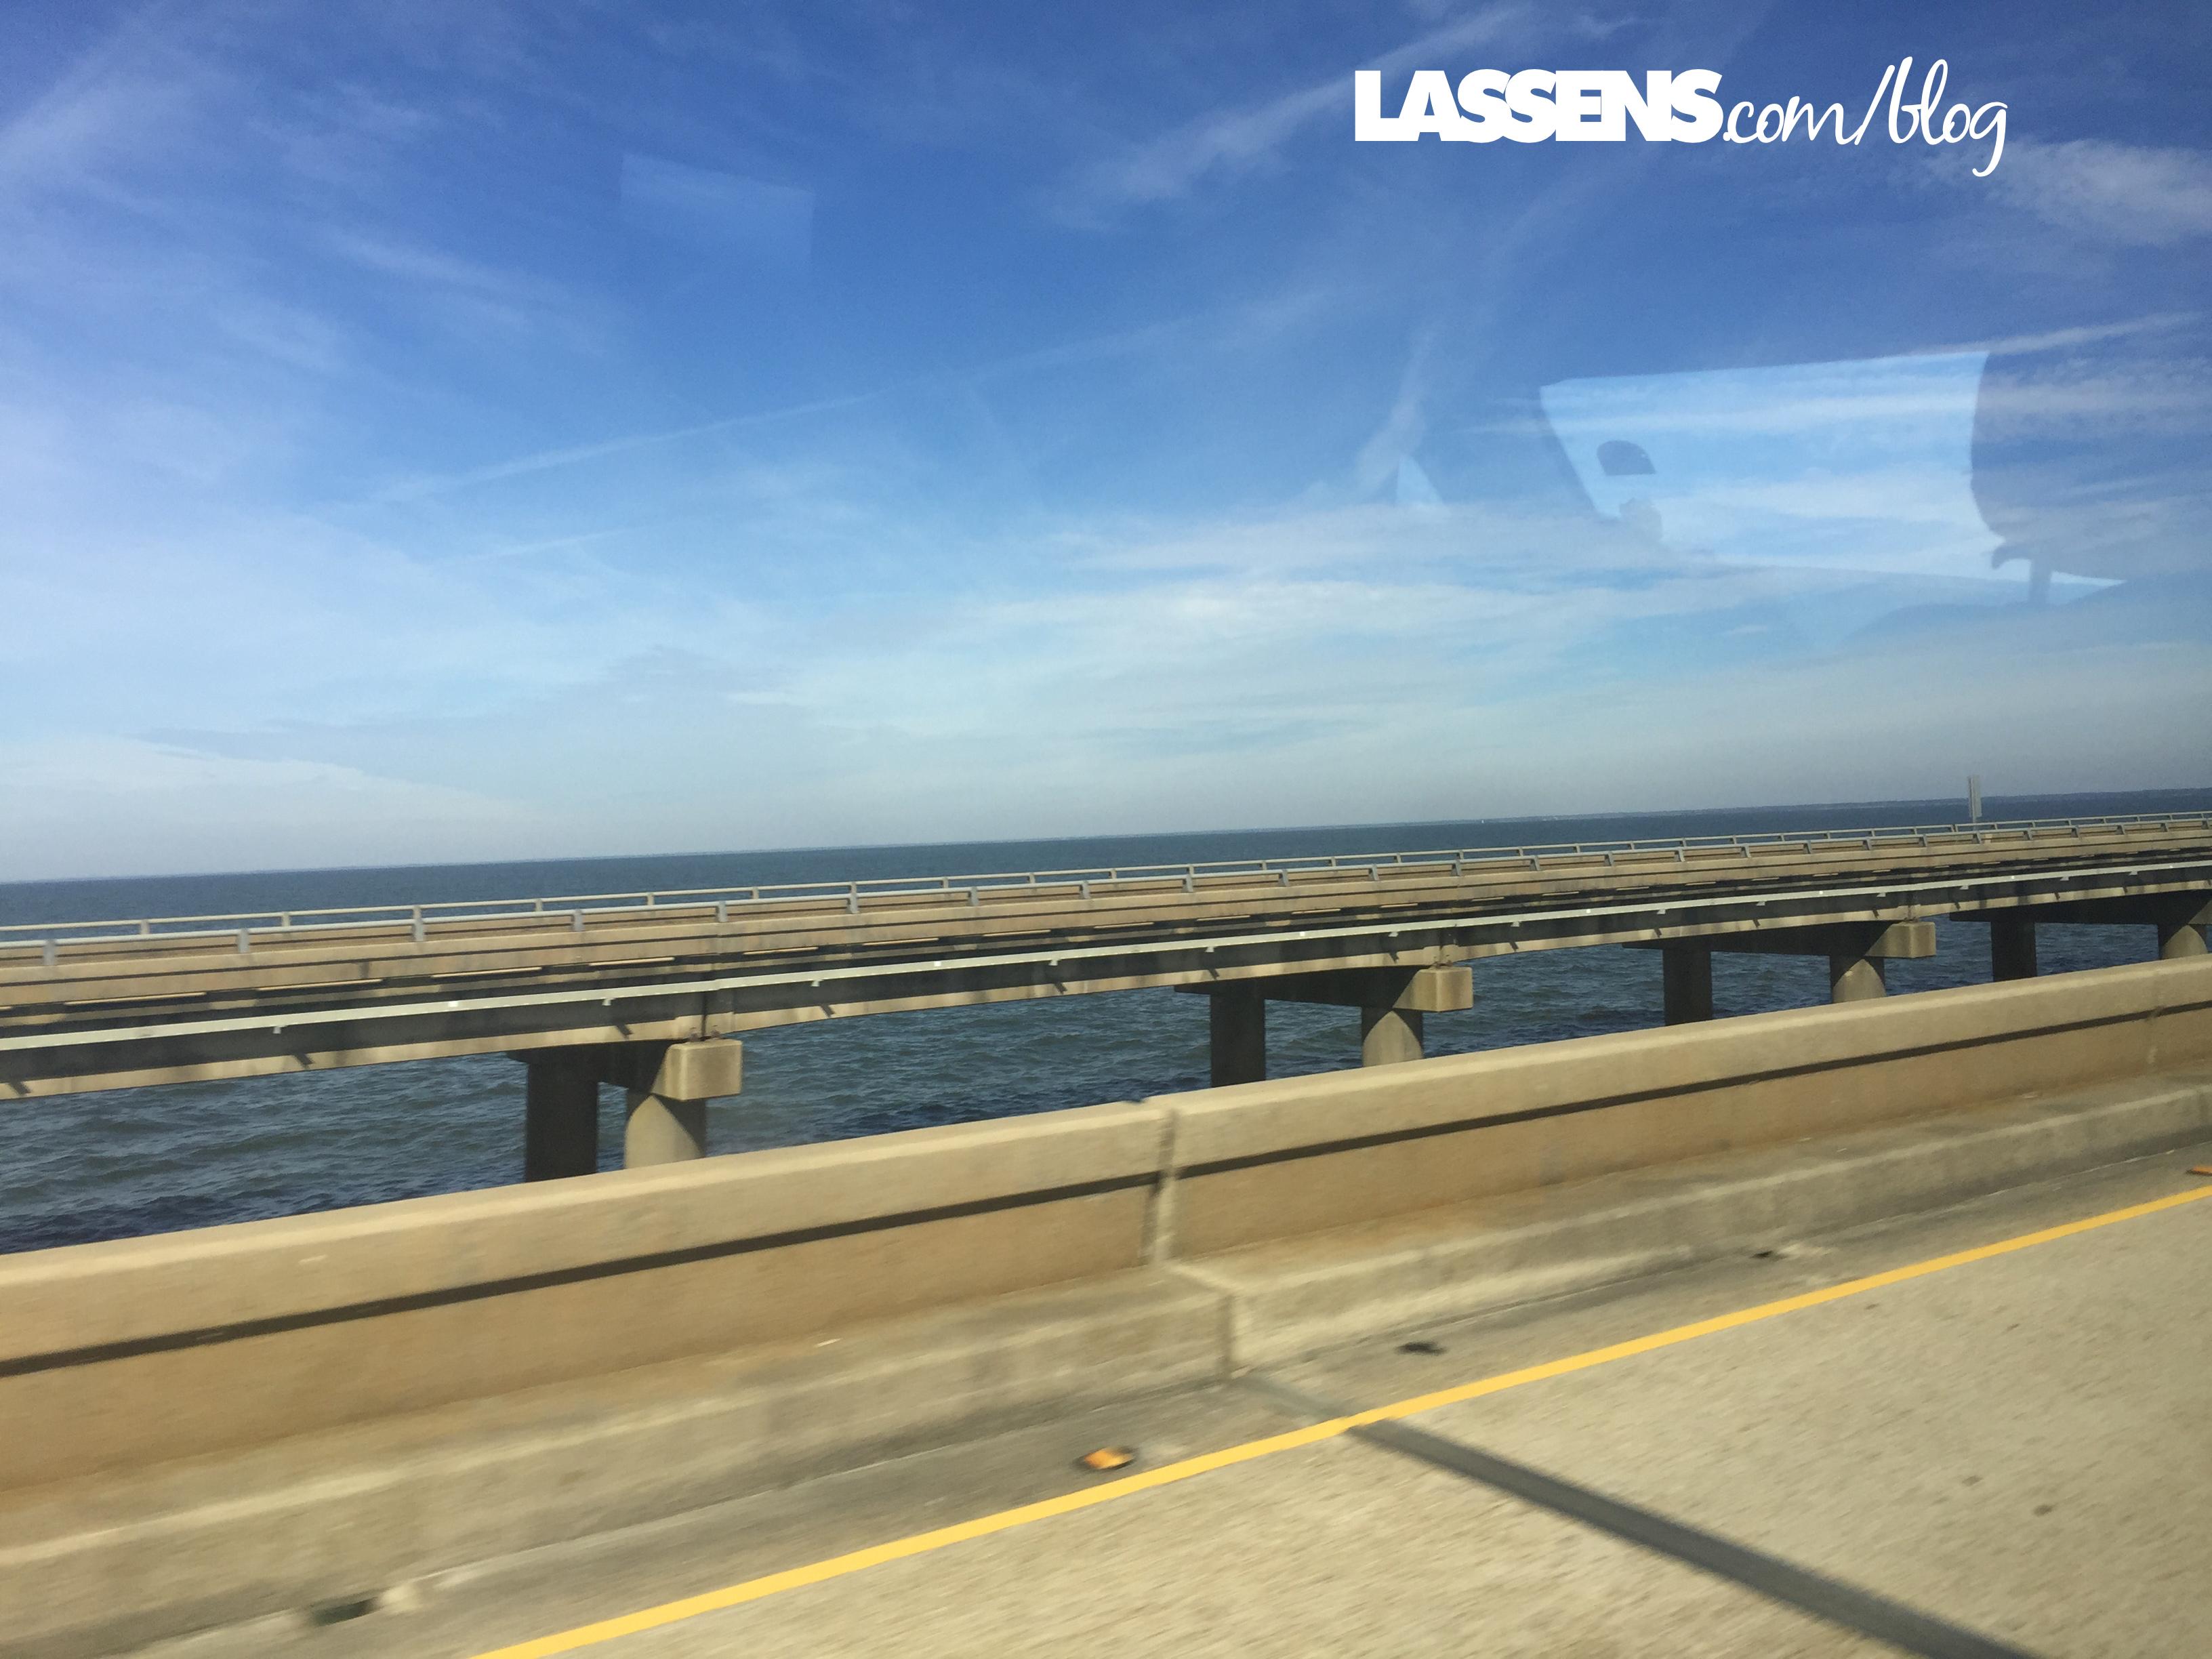 evamor+water, alkaline+water, New+Orleans